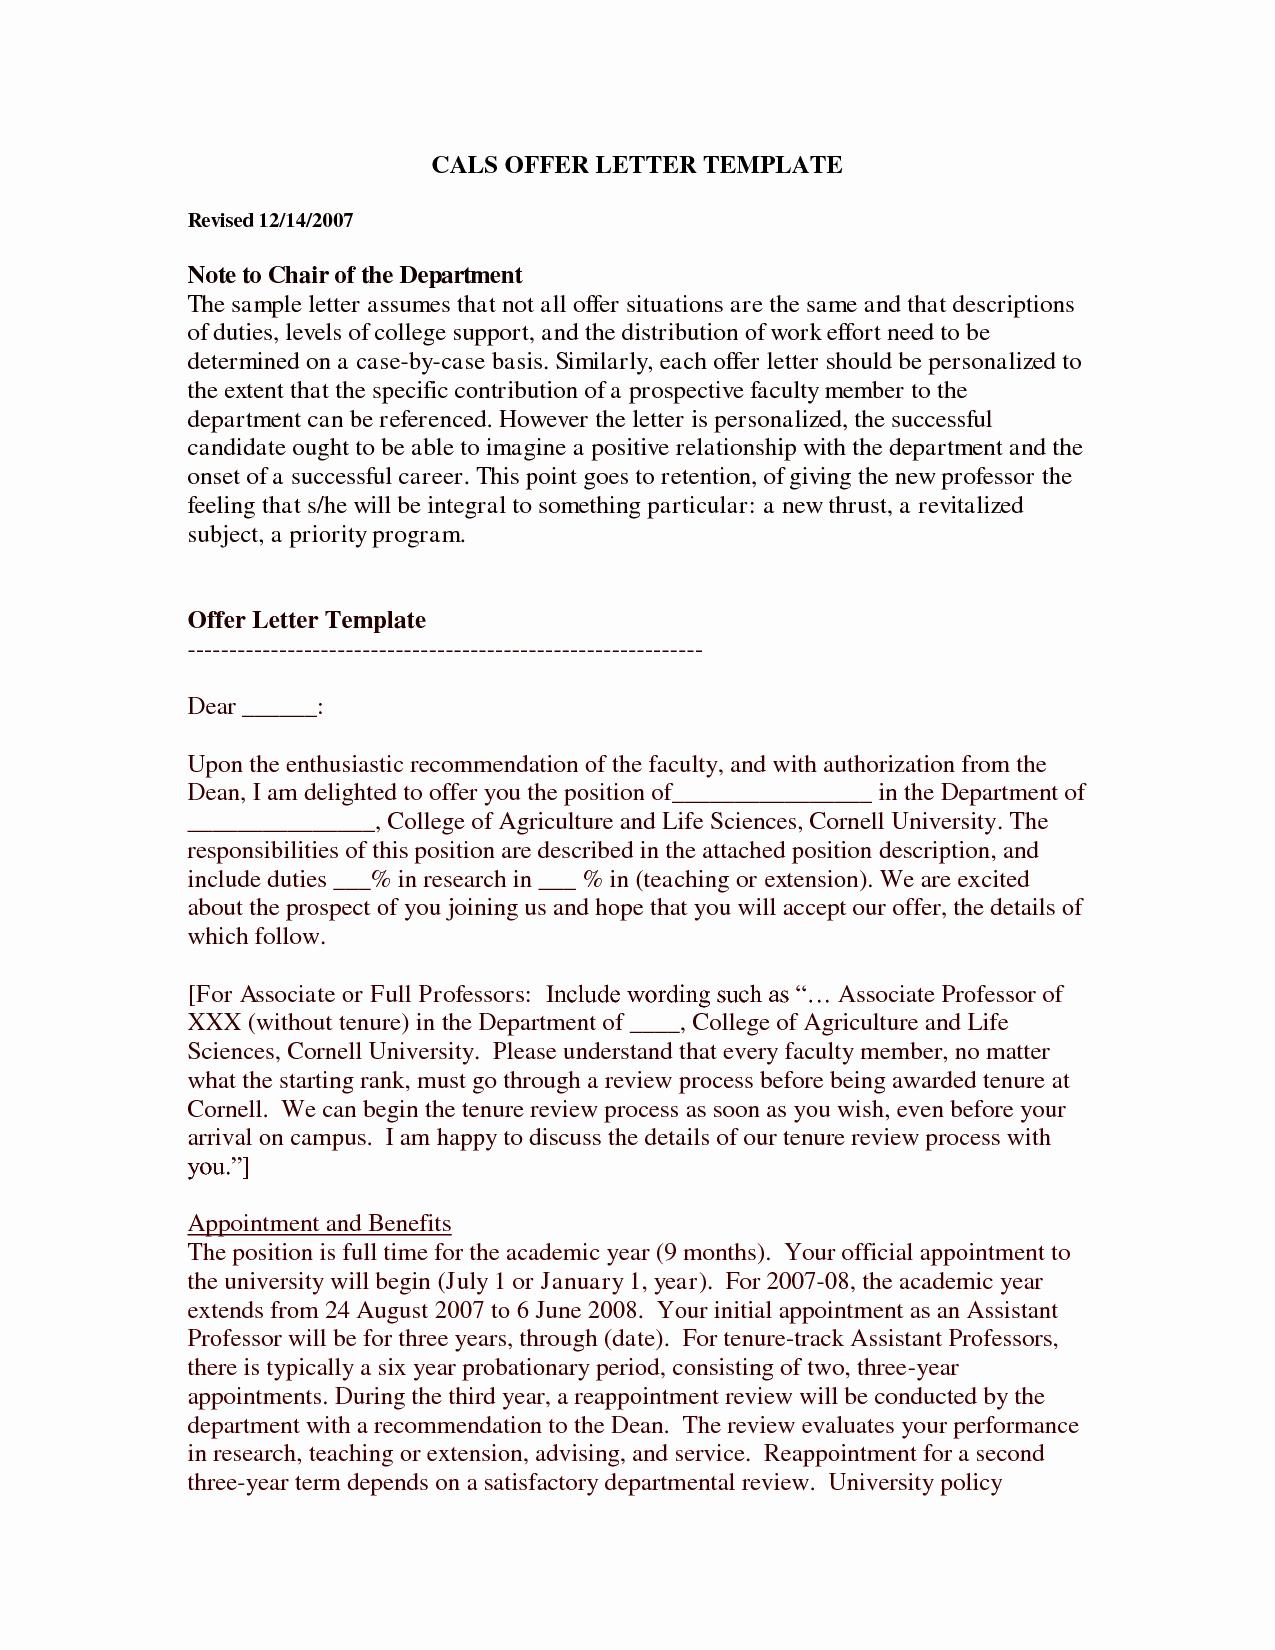 Real Estate Offer Letter Template Free Elegant Free Printable Fer Letter Template form Generic